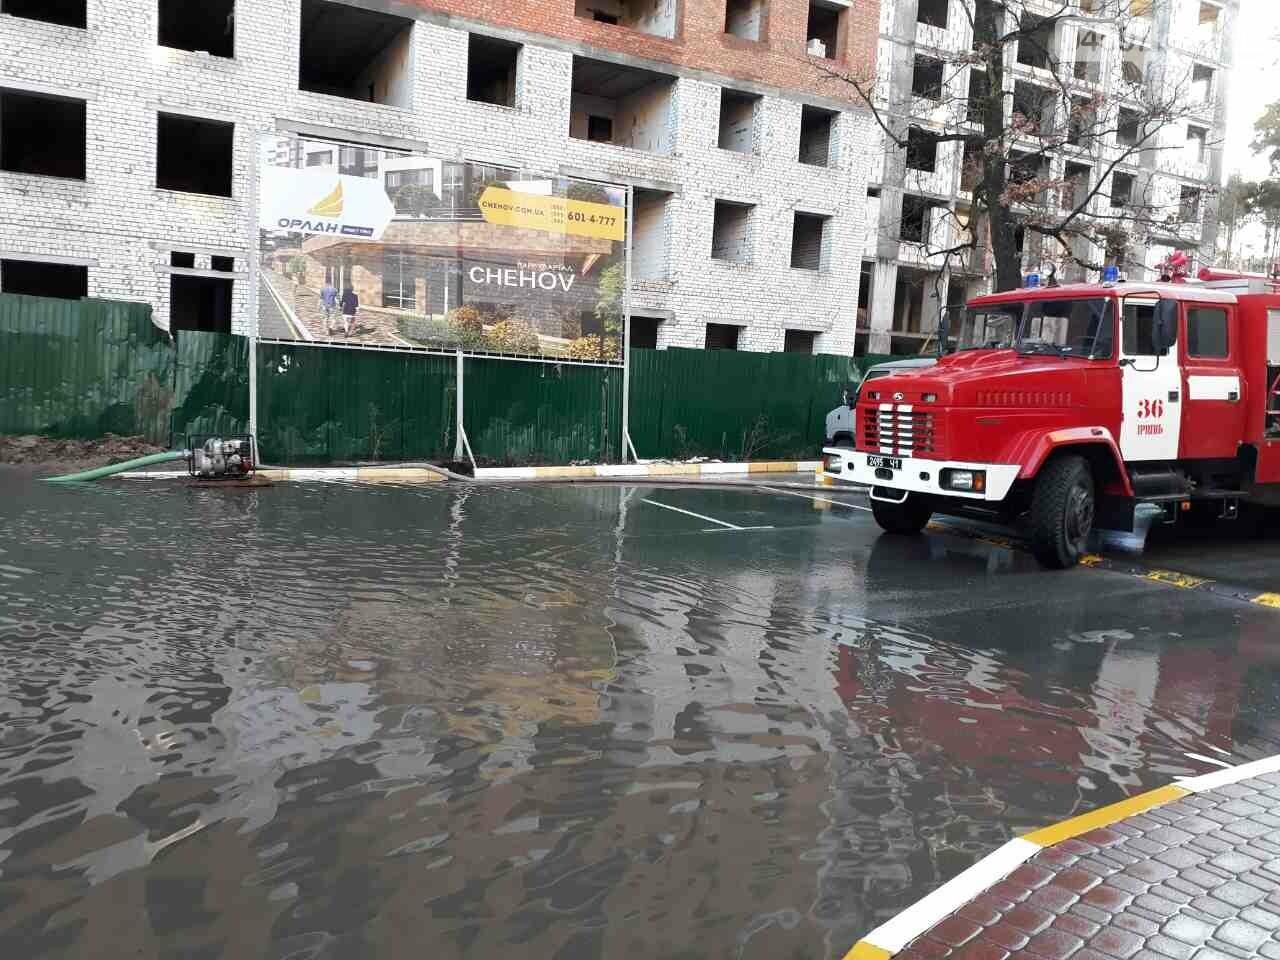 Рятувальники відкачали воду з підтоплених будинків в Ірпені, фото-2